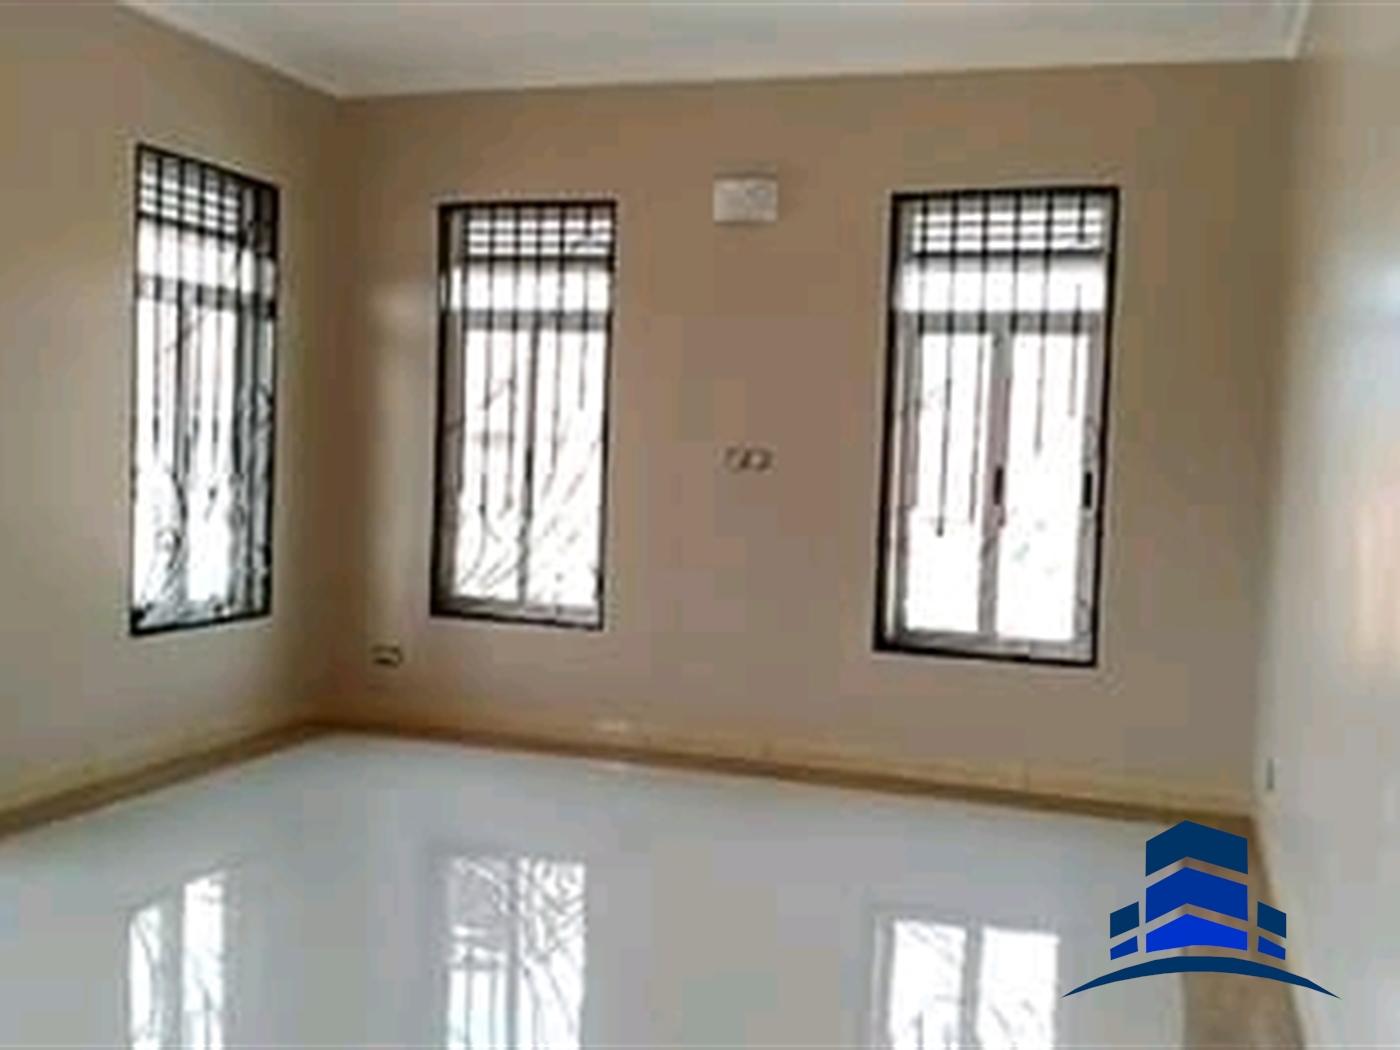 Duplex for rent in Naguru Kampala